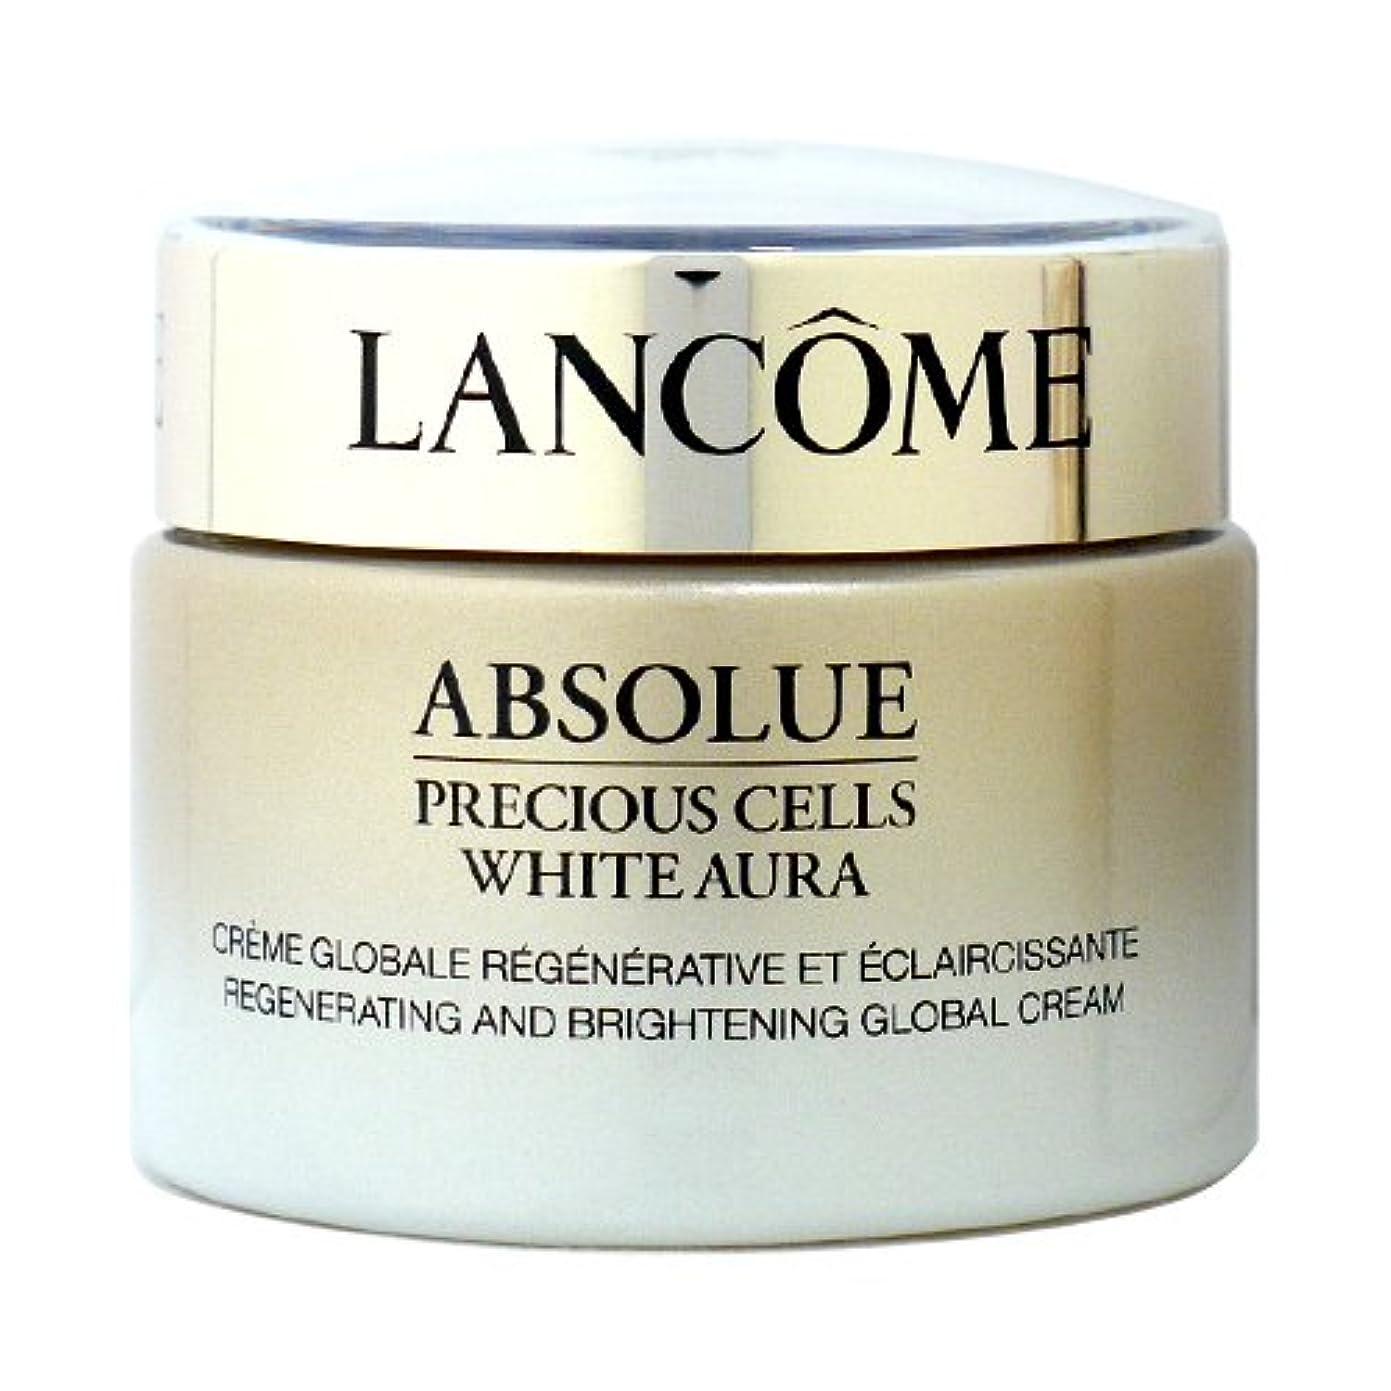 欲しいです履歴書うまくいけばランコム アプソリュ プレシャスセル ホワイトオーラ クリーム N 50ml